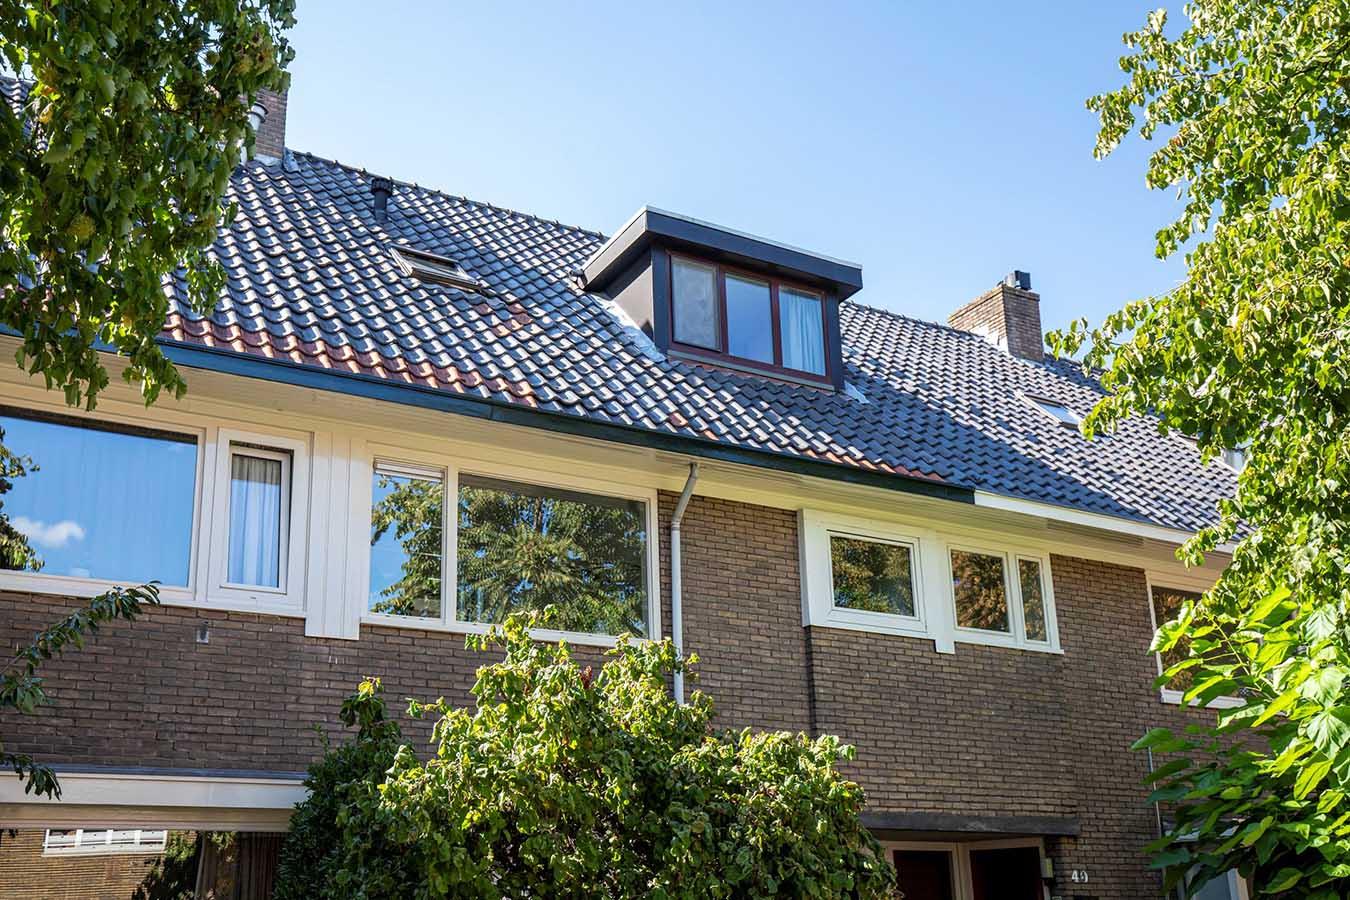 gevelfoto van een woning met een dakkapel